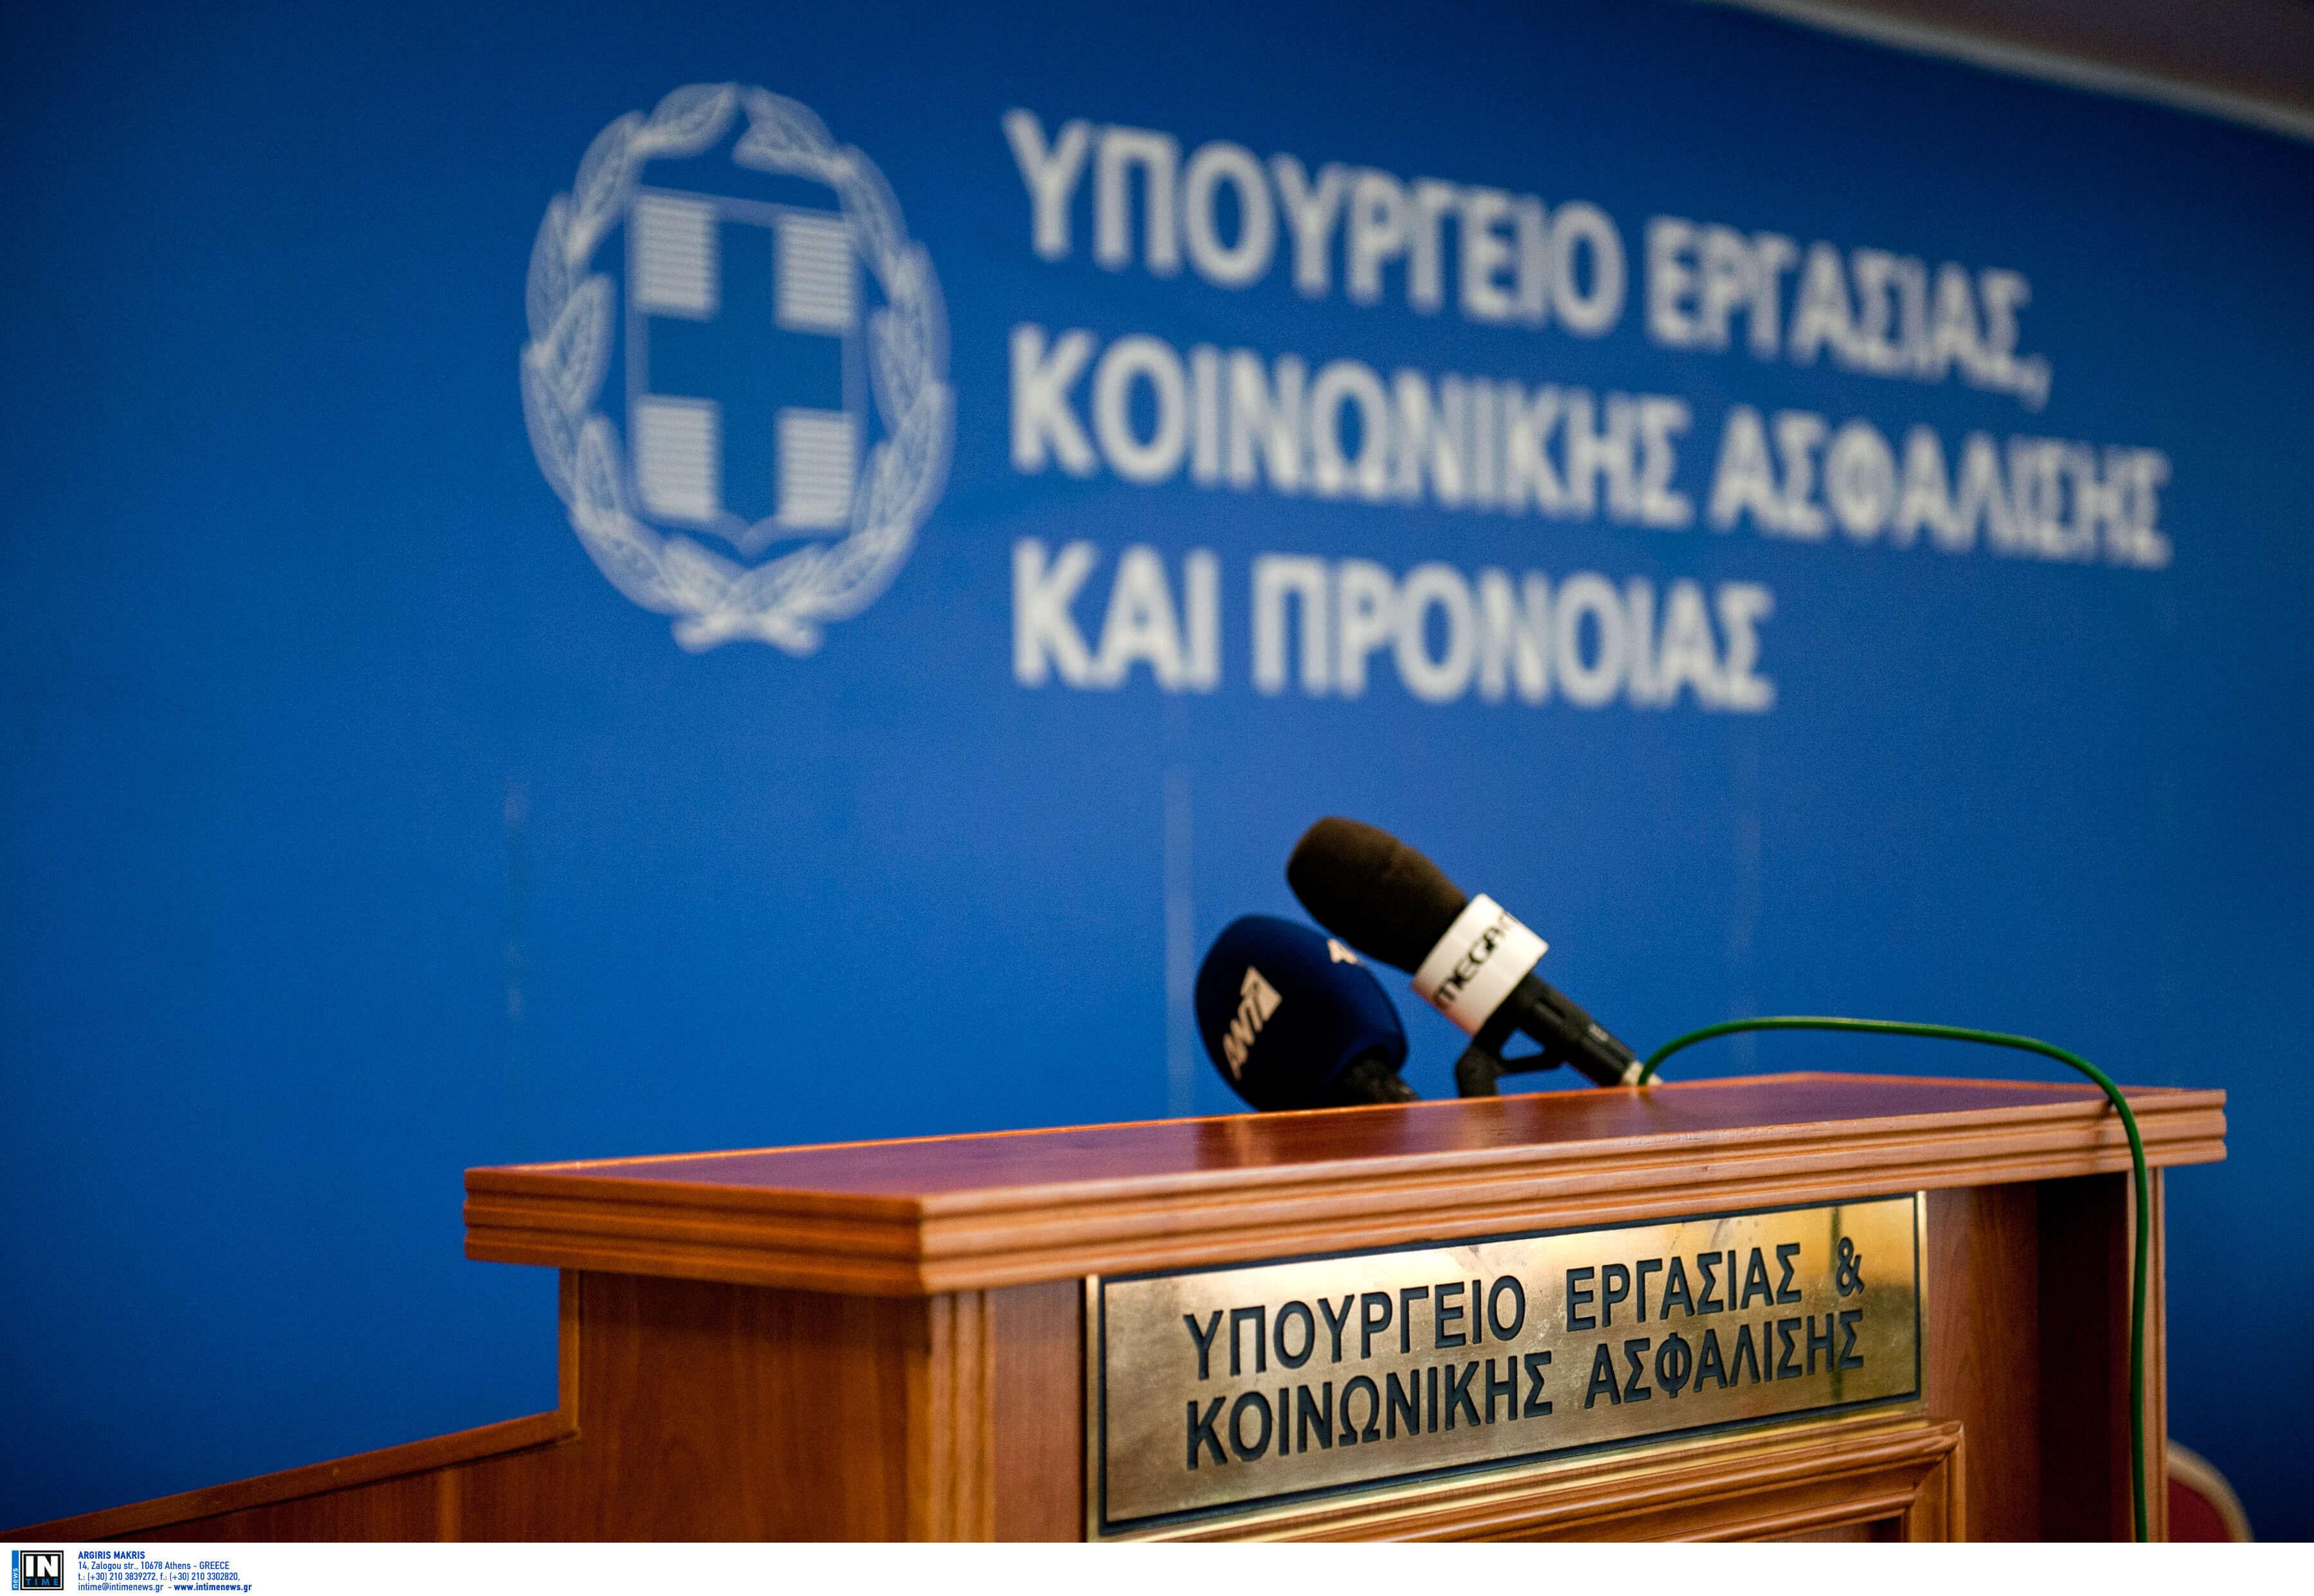 Υπουργείο Εργασίας: Εκ των προτέρων οι δηλώσεις αναστολής συμβάσεων εργασίας τον Φεβρουάριο